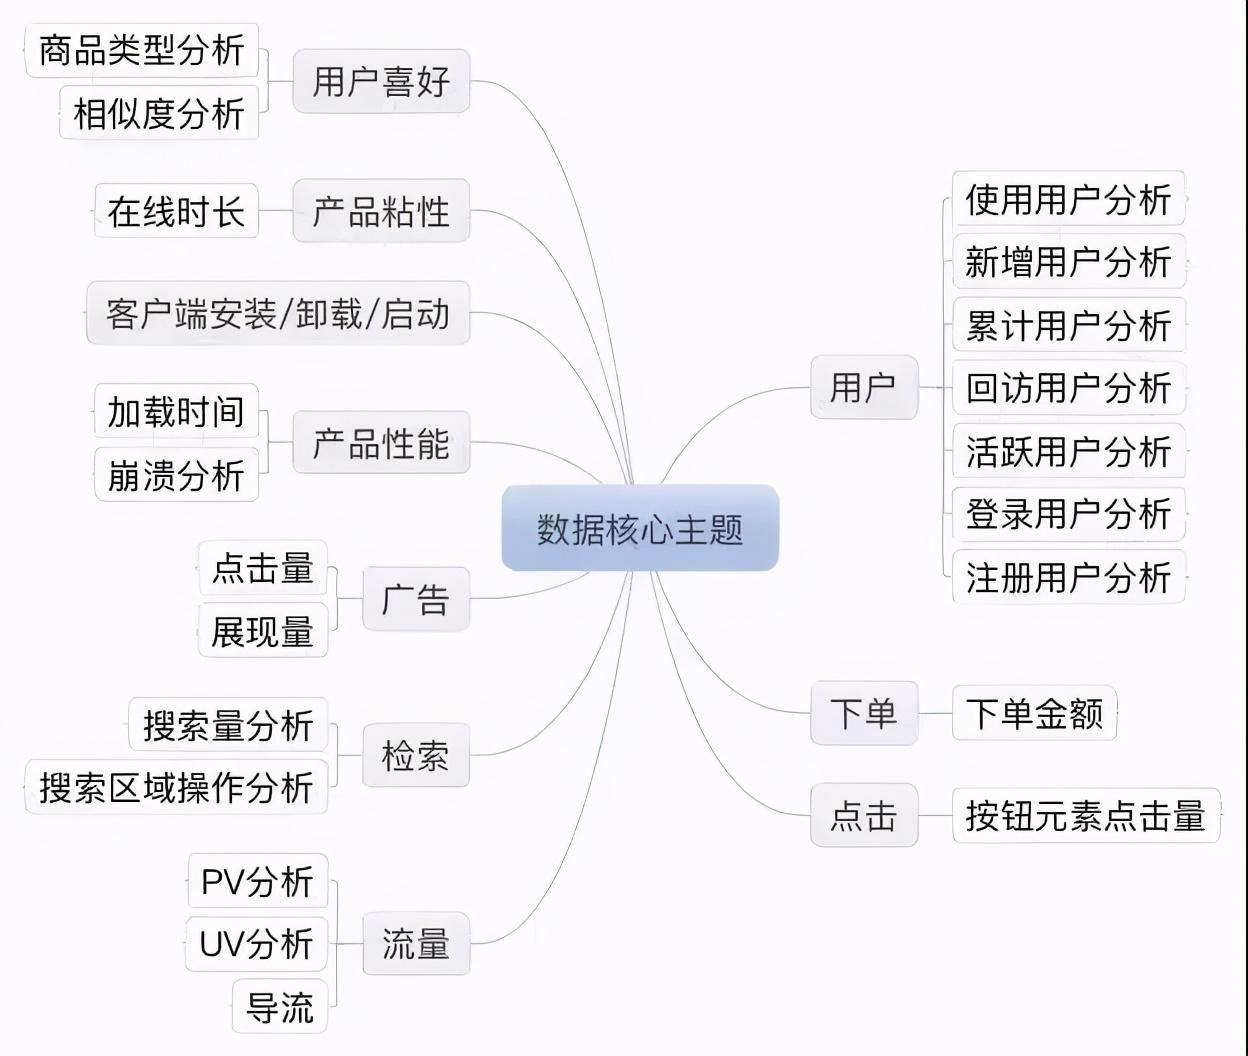 10张数据分析知识脑图,包含学习步骤和工具合集,建议收藏